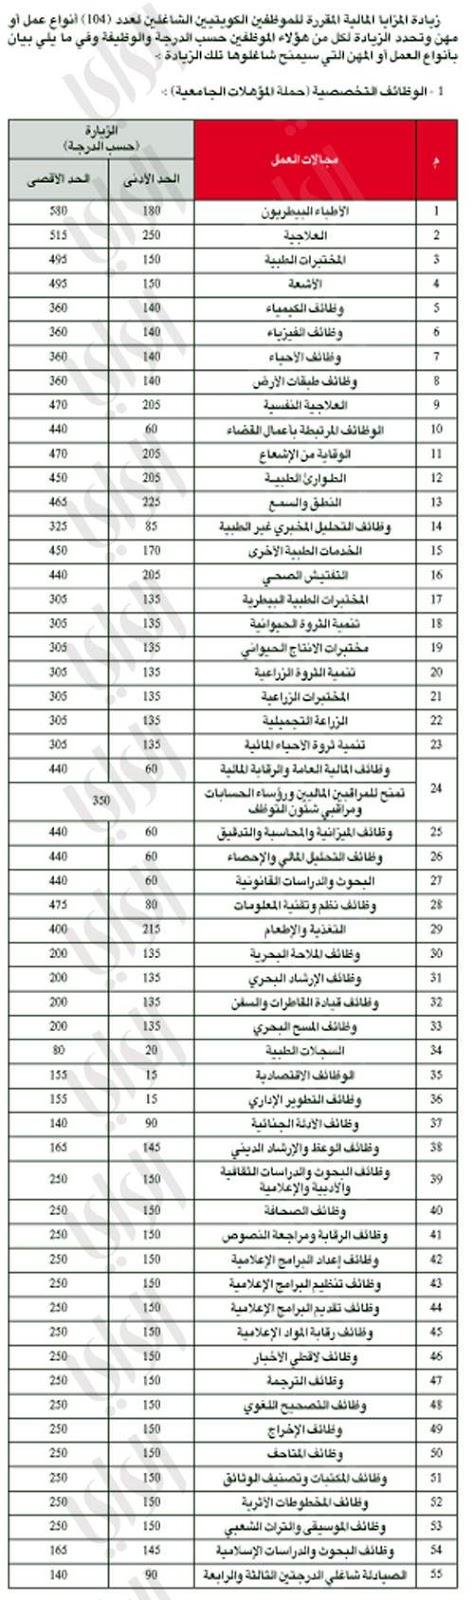 سلم جدول الرواتب الجديد في الكويت 2020 حقيقة رفع الأجور والمرتبات